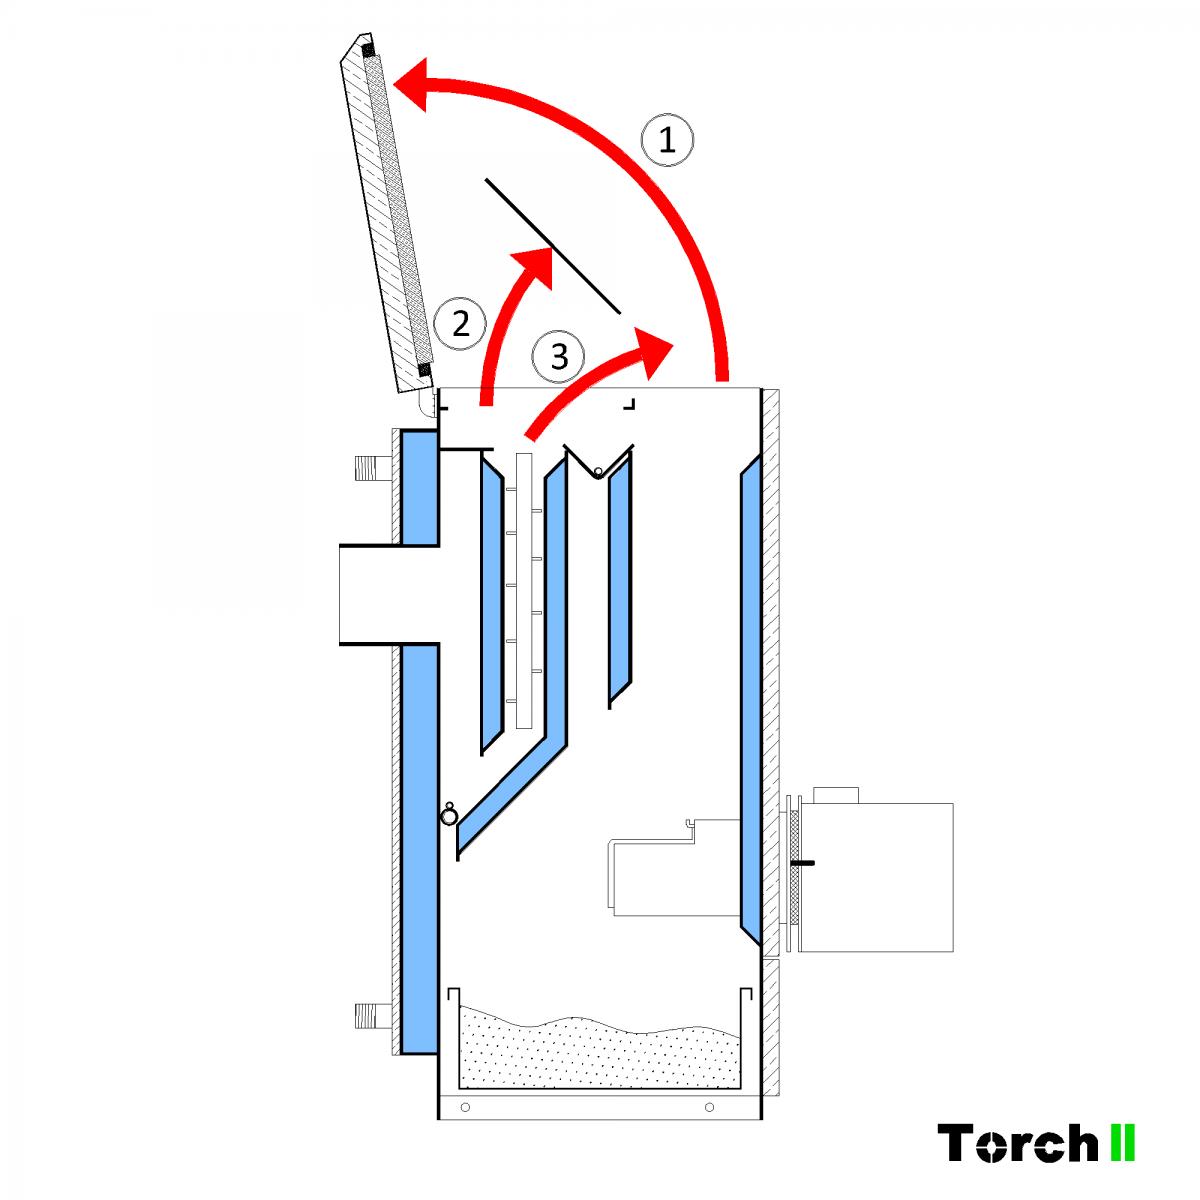 Почистване на пелетен котел Torch II - стъпка 2